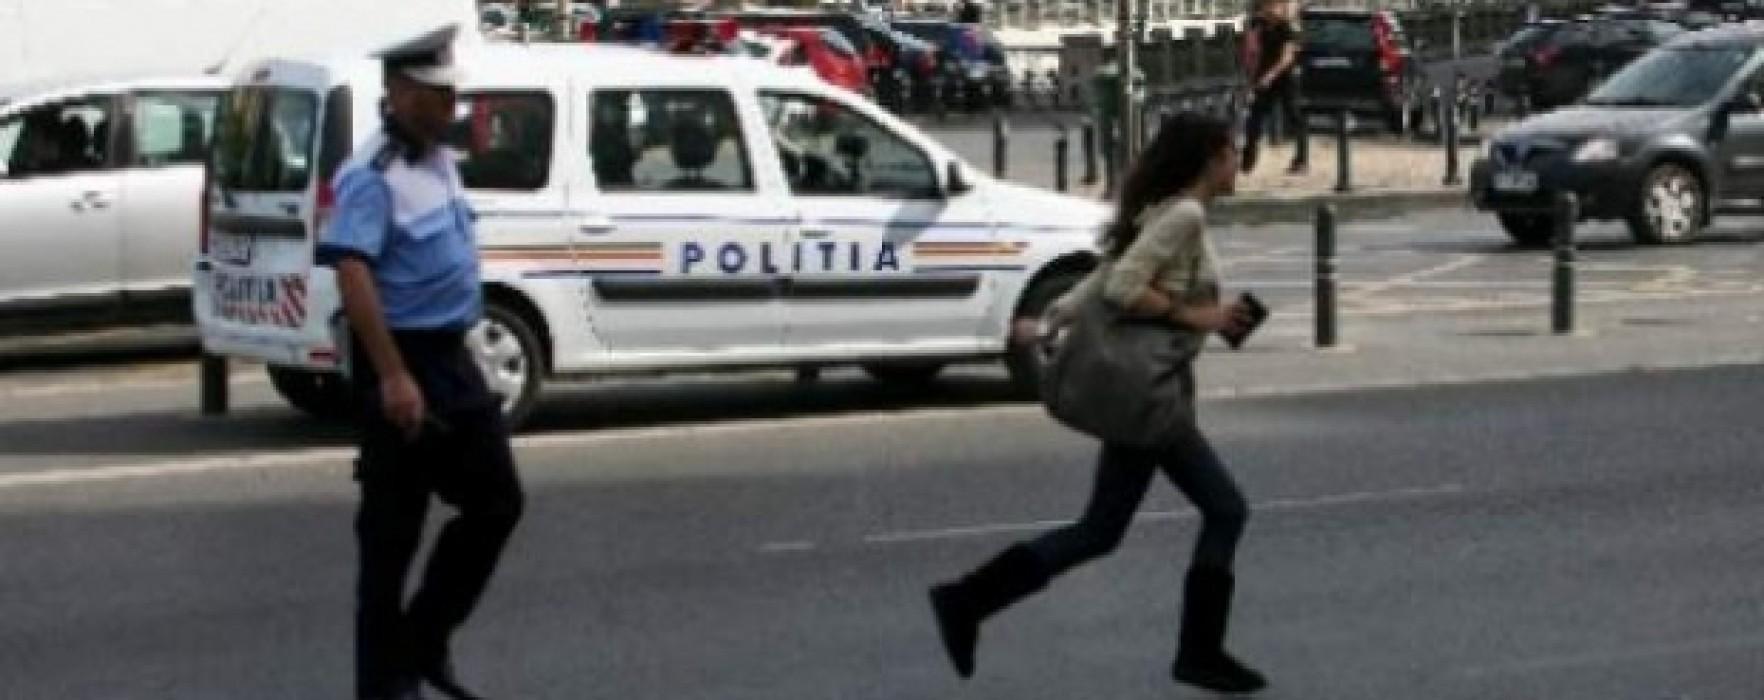 Dâmboviţa: Zeci de pietoni amendaţi pentru traversare prin loc nepermis